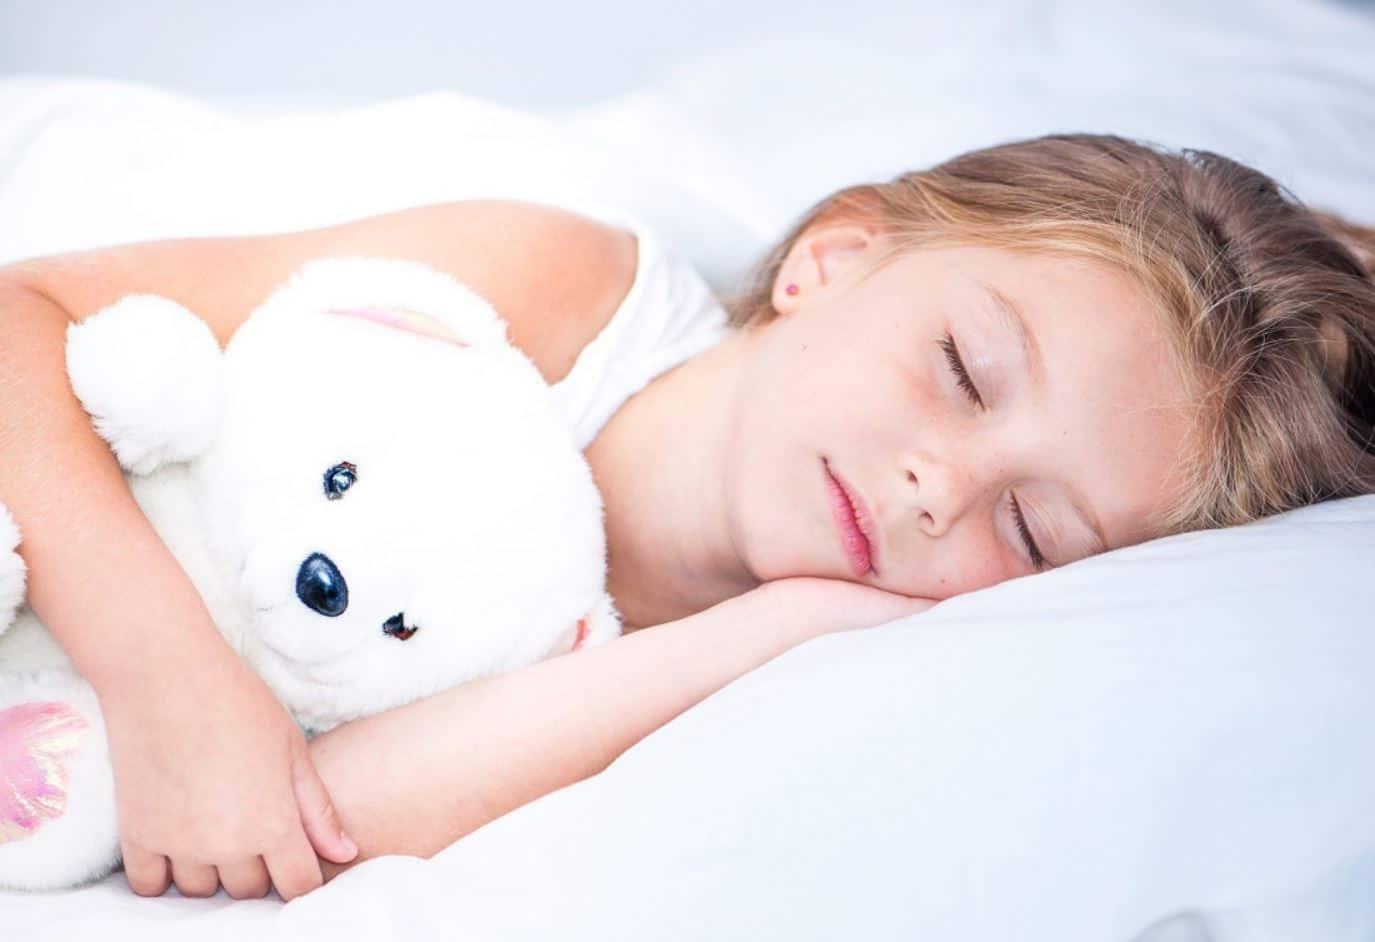 เลี้ยงลูกรักให้มีพัฒนาการดีได้ง่ายๆ เพียงแค่ให้ความสำคัญกับการนอนในเด็ก